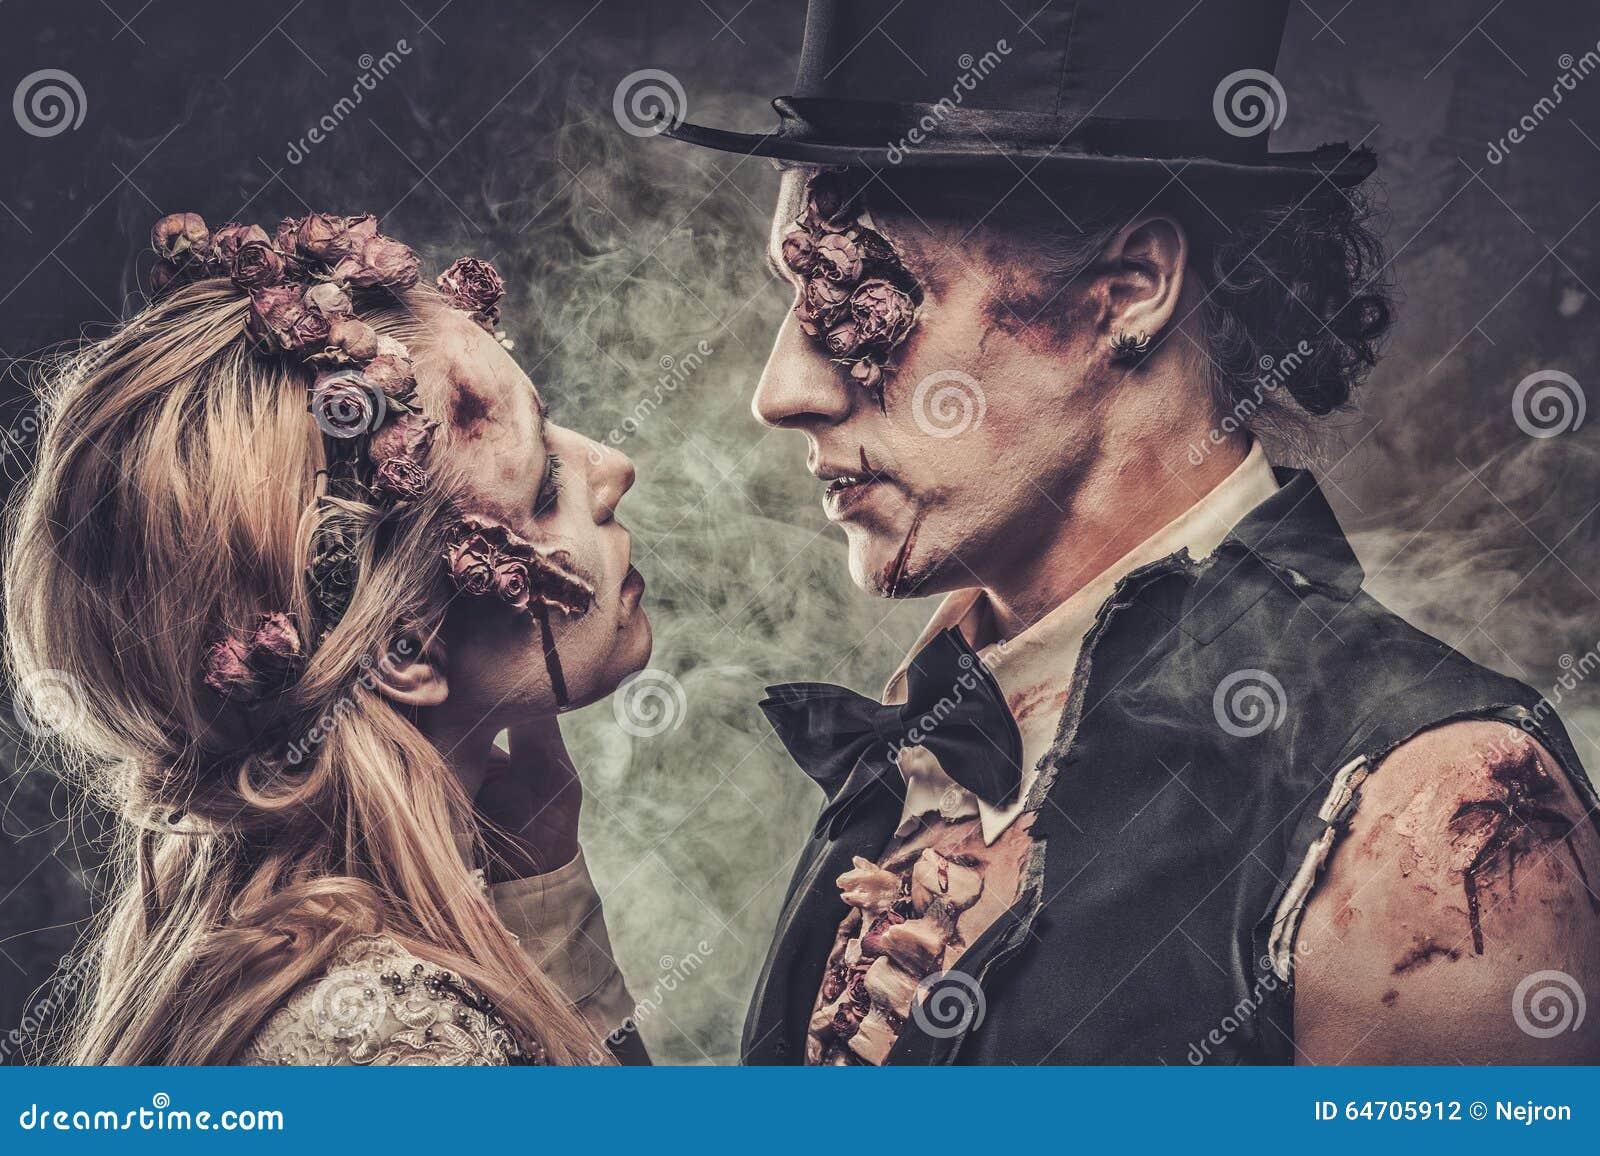 Angekleidet in der Hochzeit kleidet romantischen Zombie